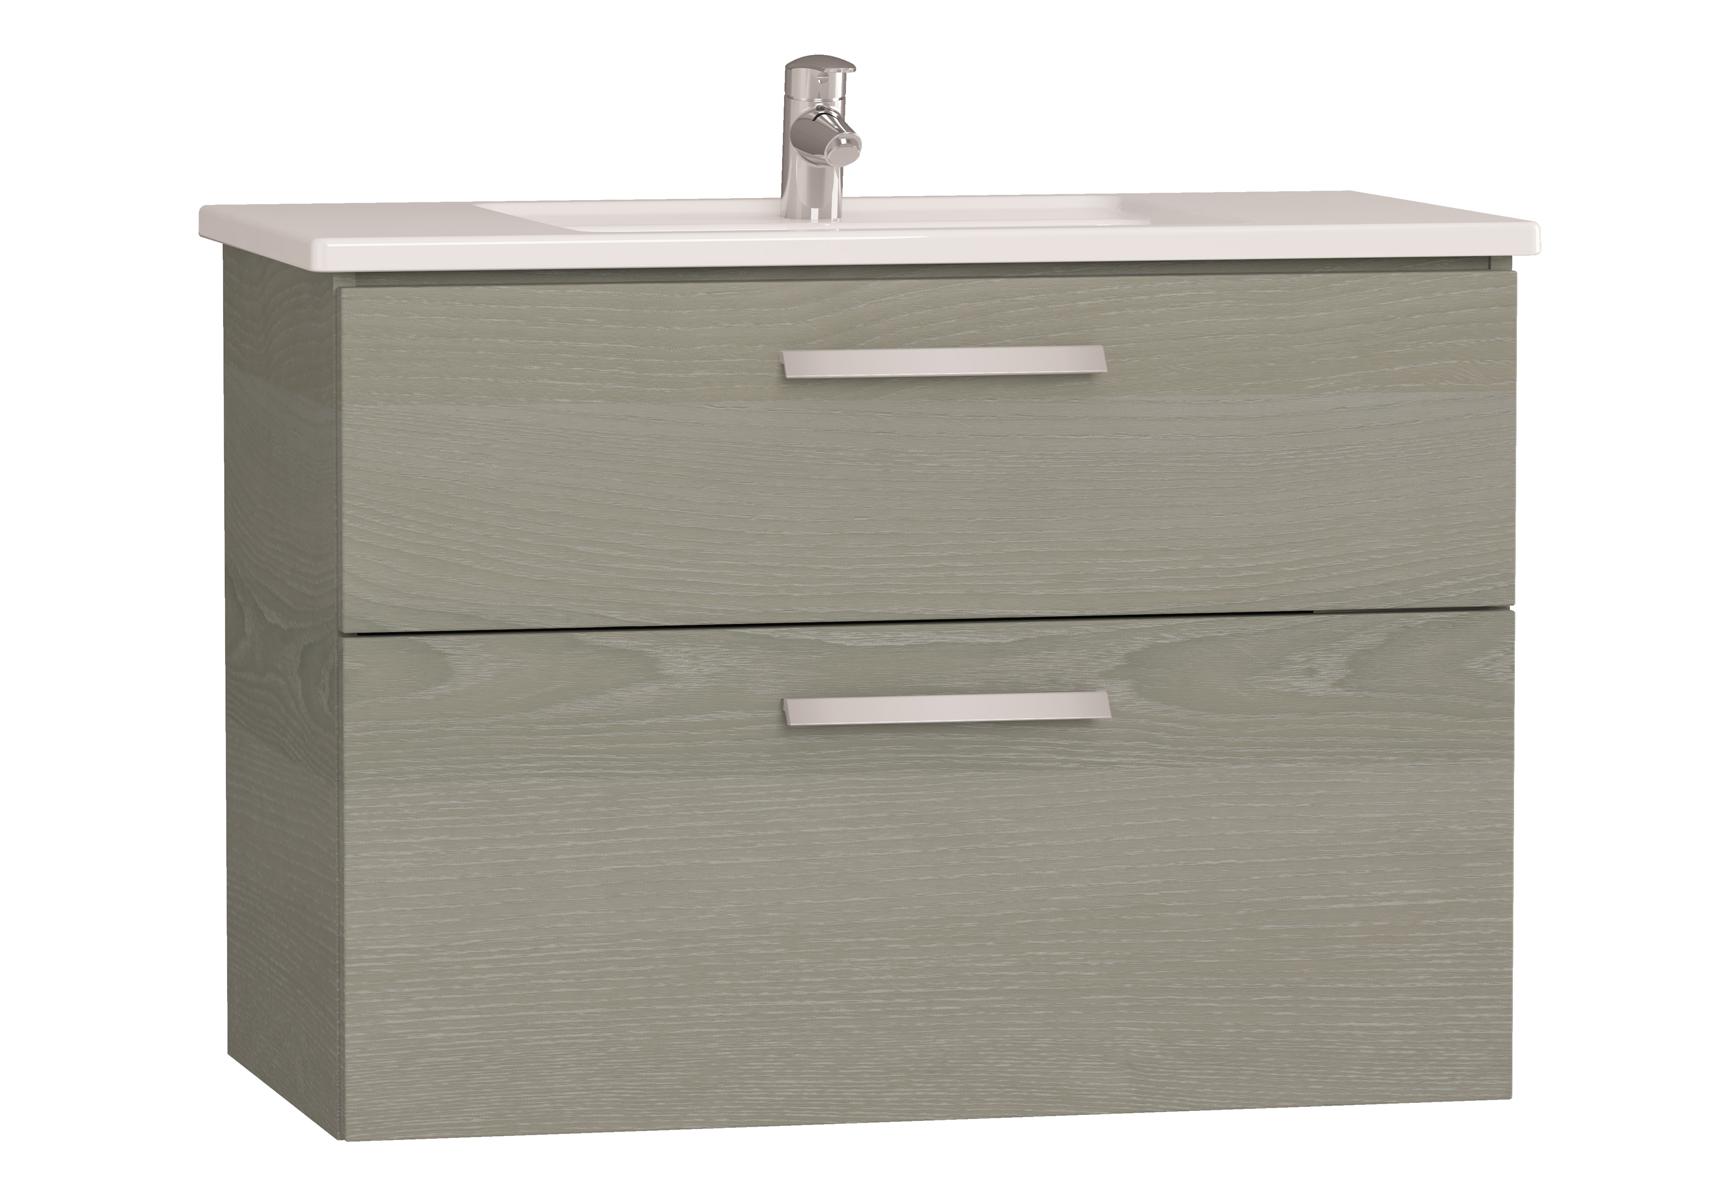 Integra meuble avec plan céramique avec deux tiroirs, 90 cm, chêne gris naturel